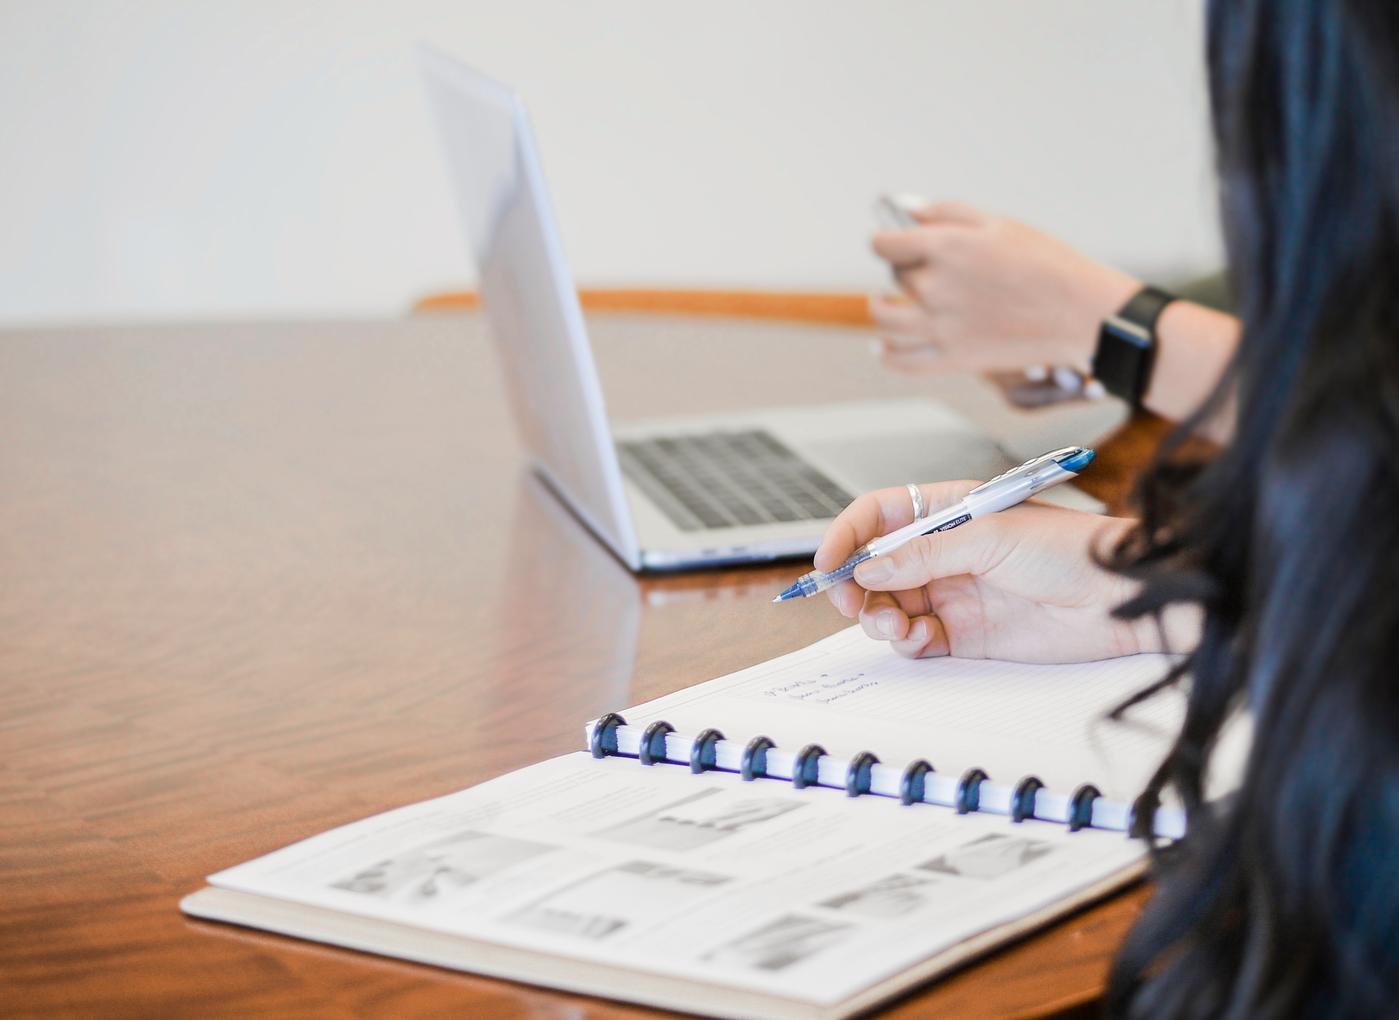 Frau schreibt in einen Kalender